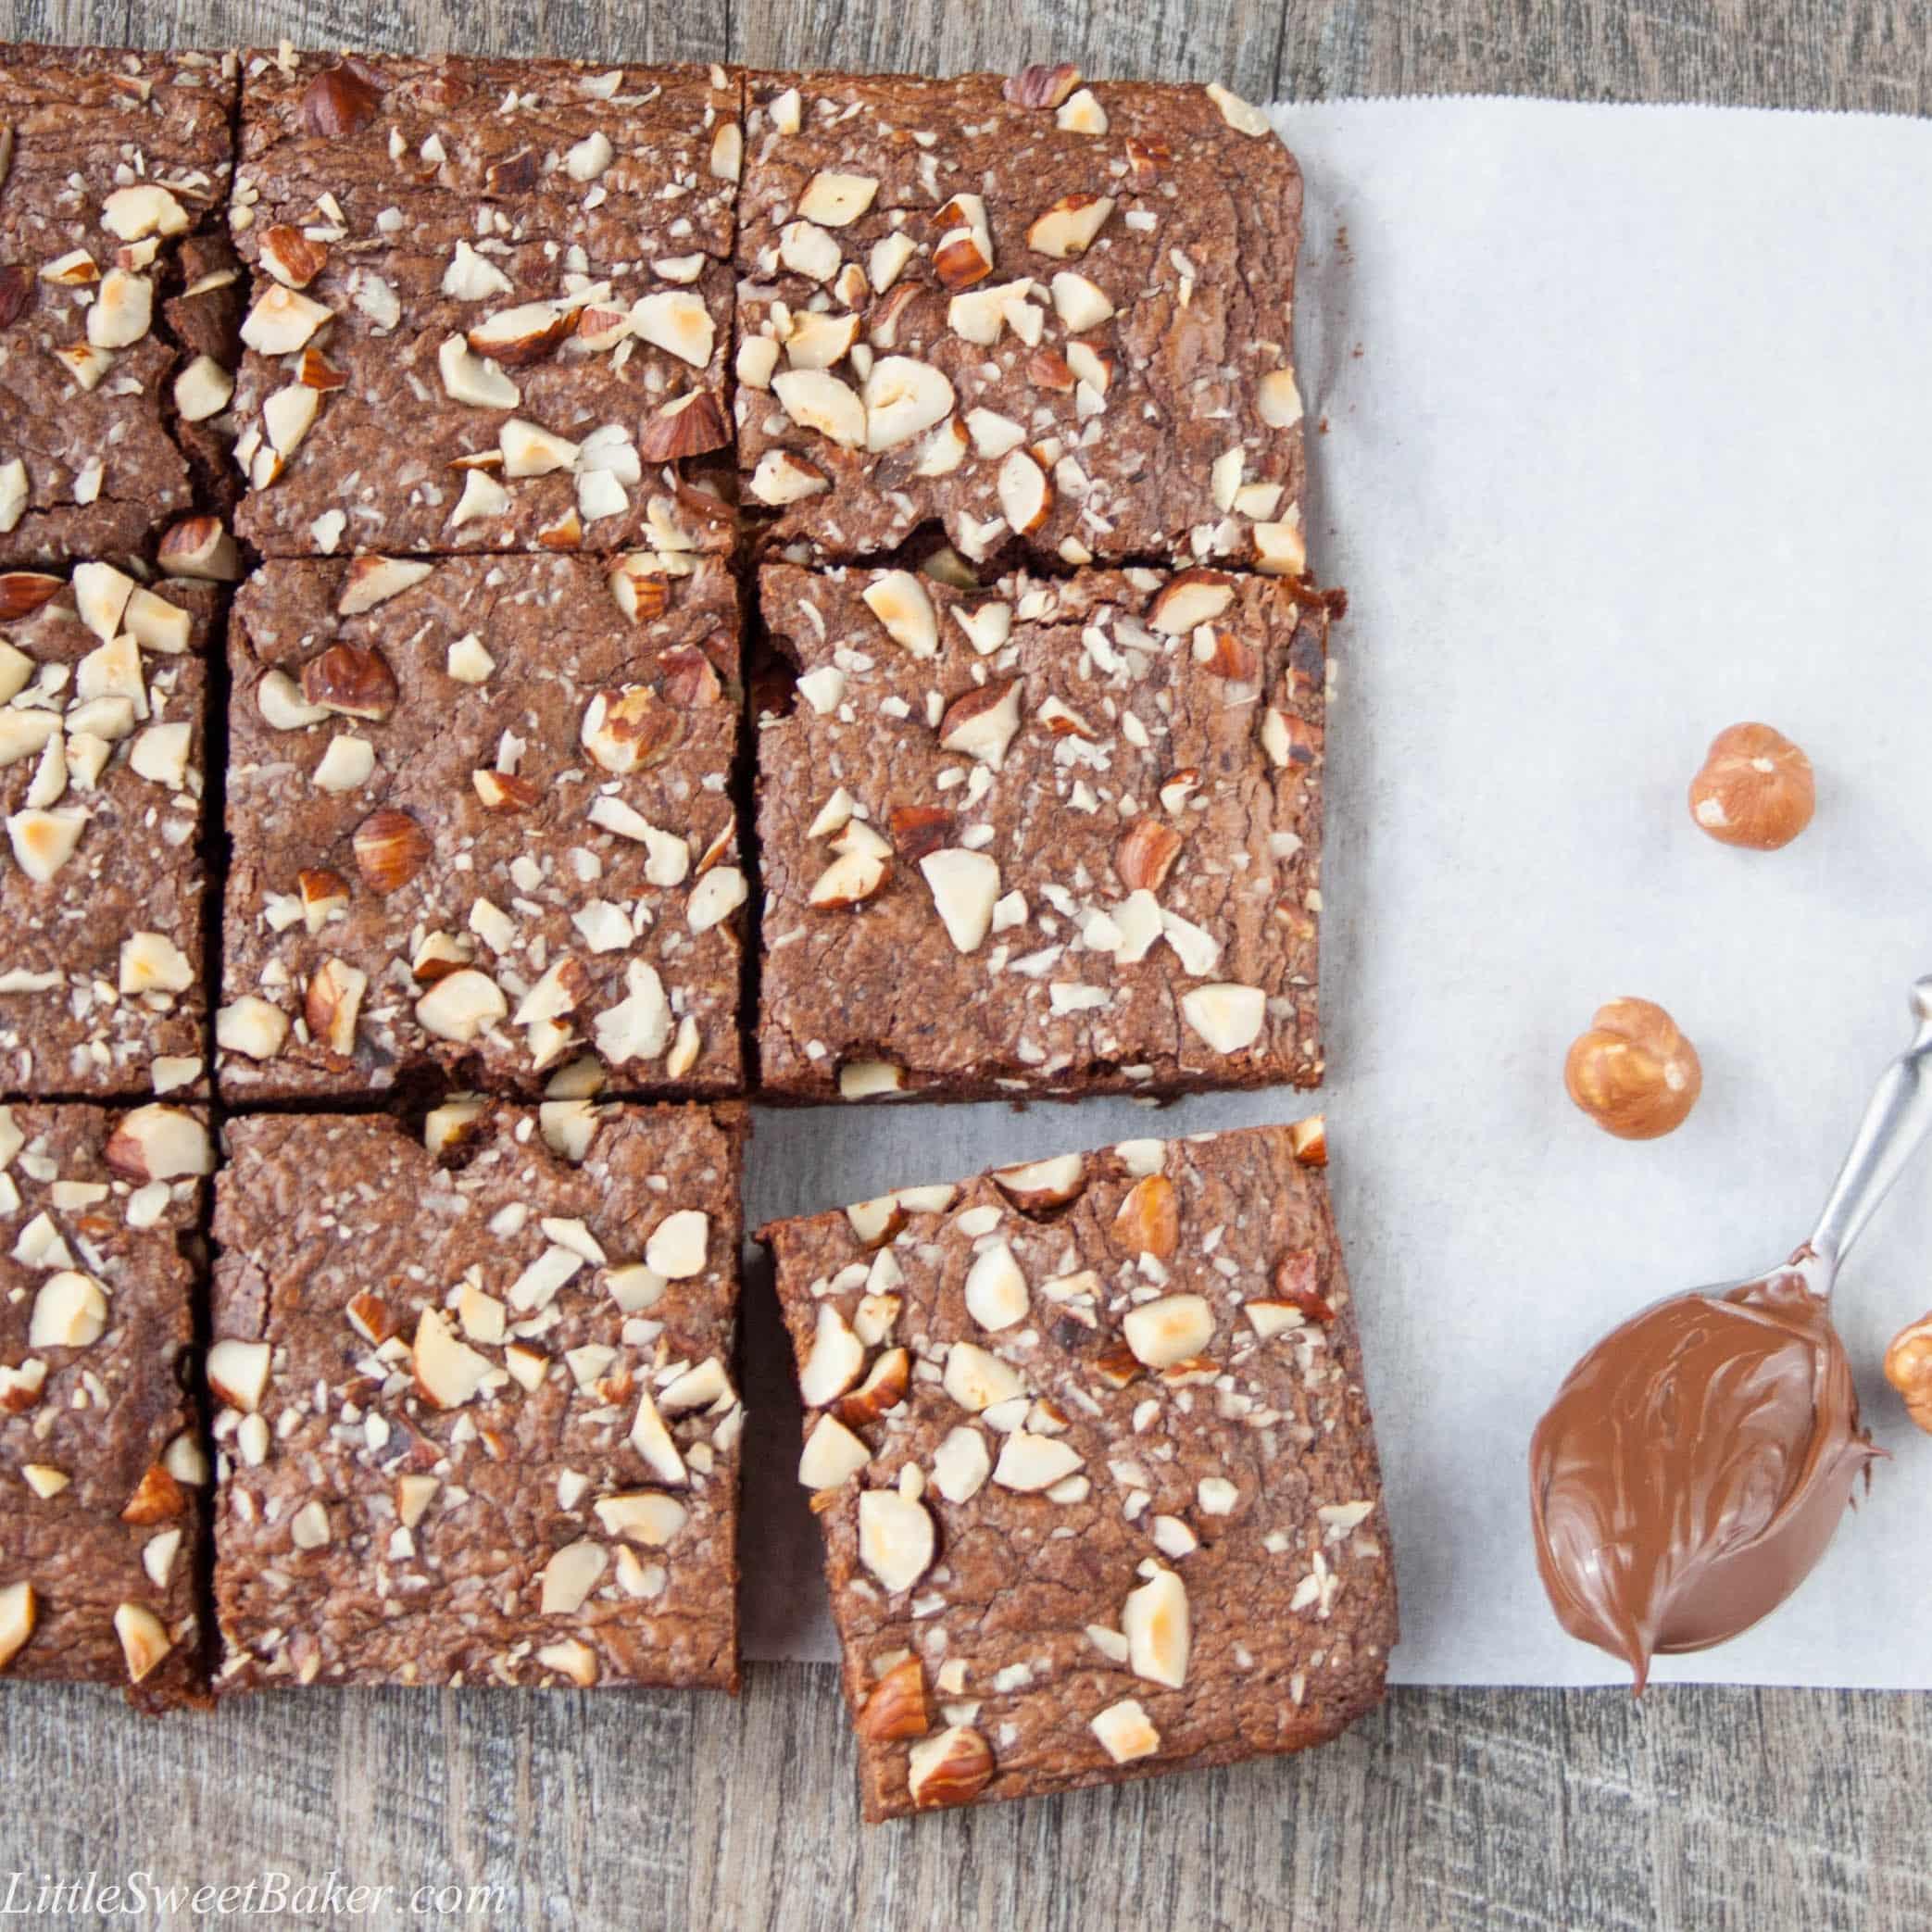 Nutella Topped Brownies 3 Ingredient Nutella Brownies Little Sweet Baker